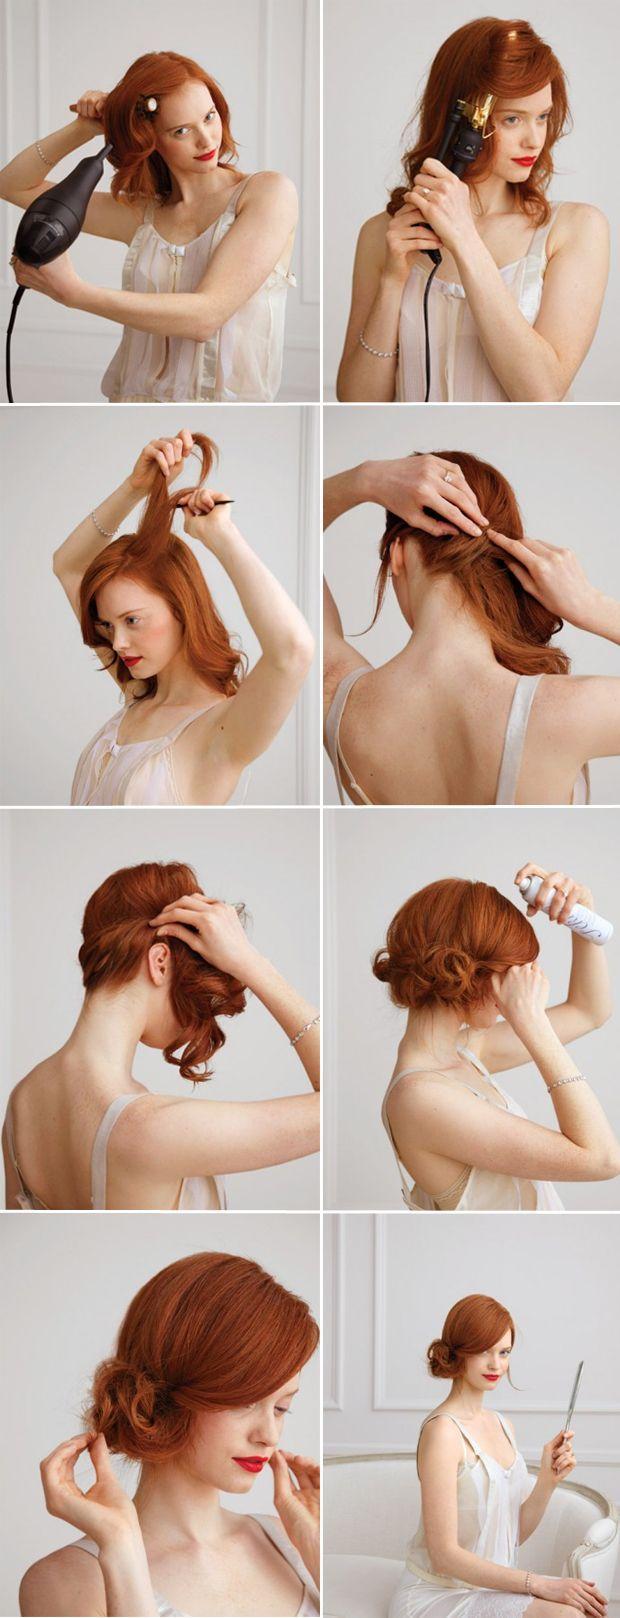 Wedding - 10 Best DIY Wedding Hairstyles With Tutorials